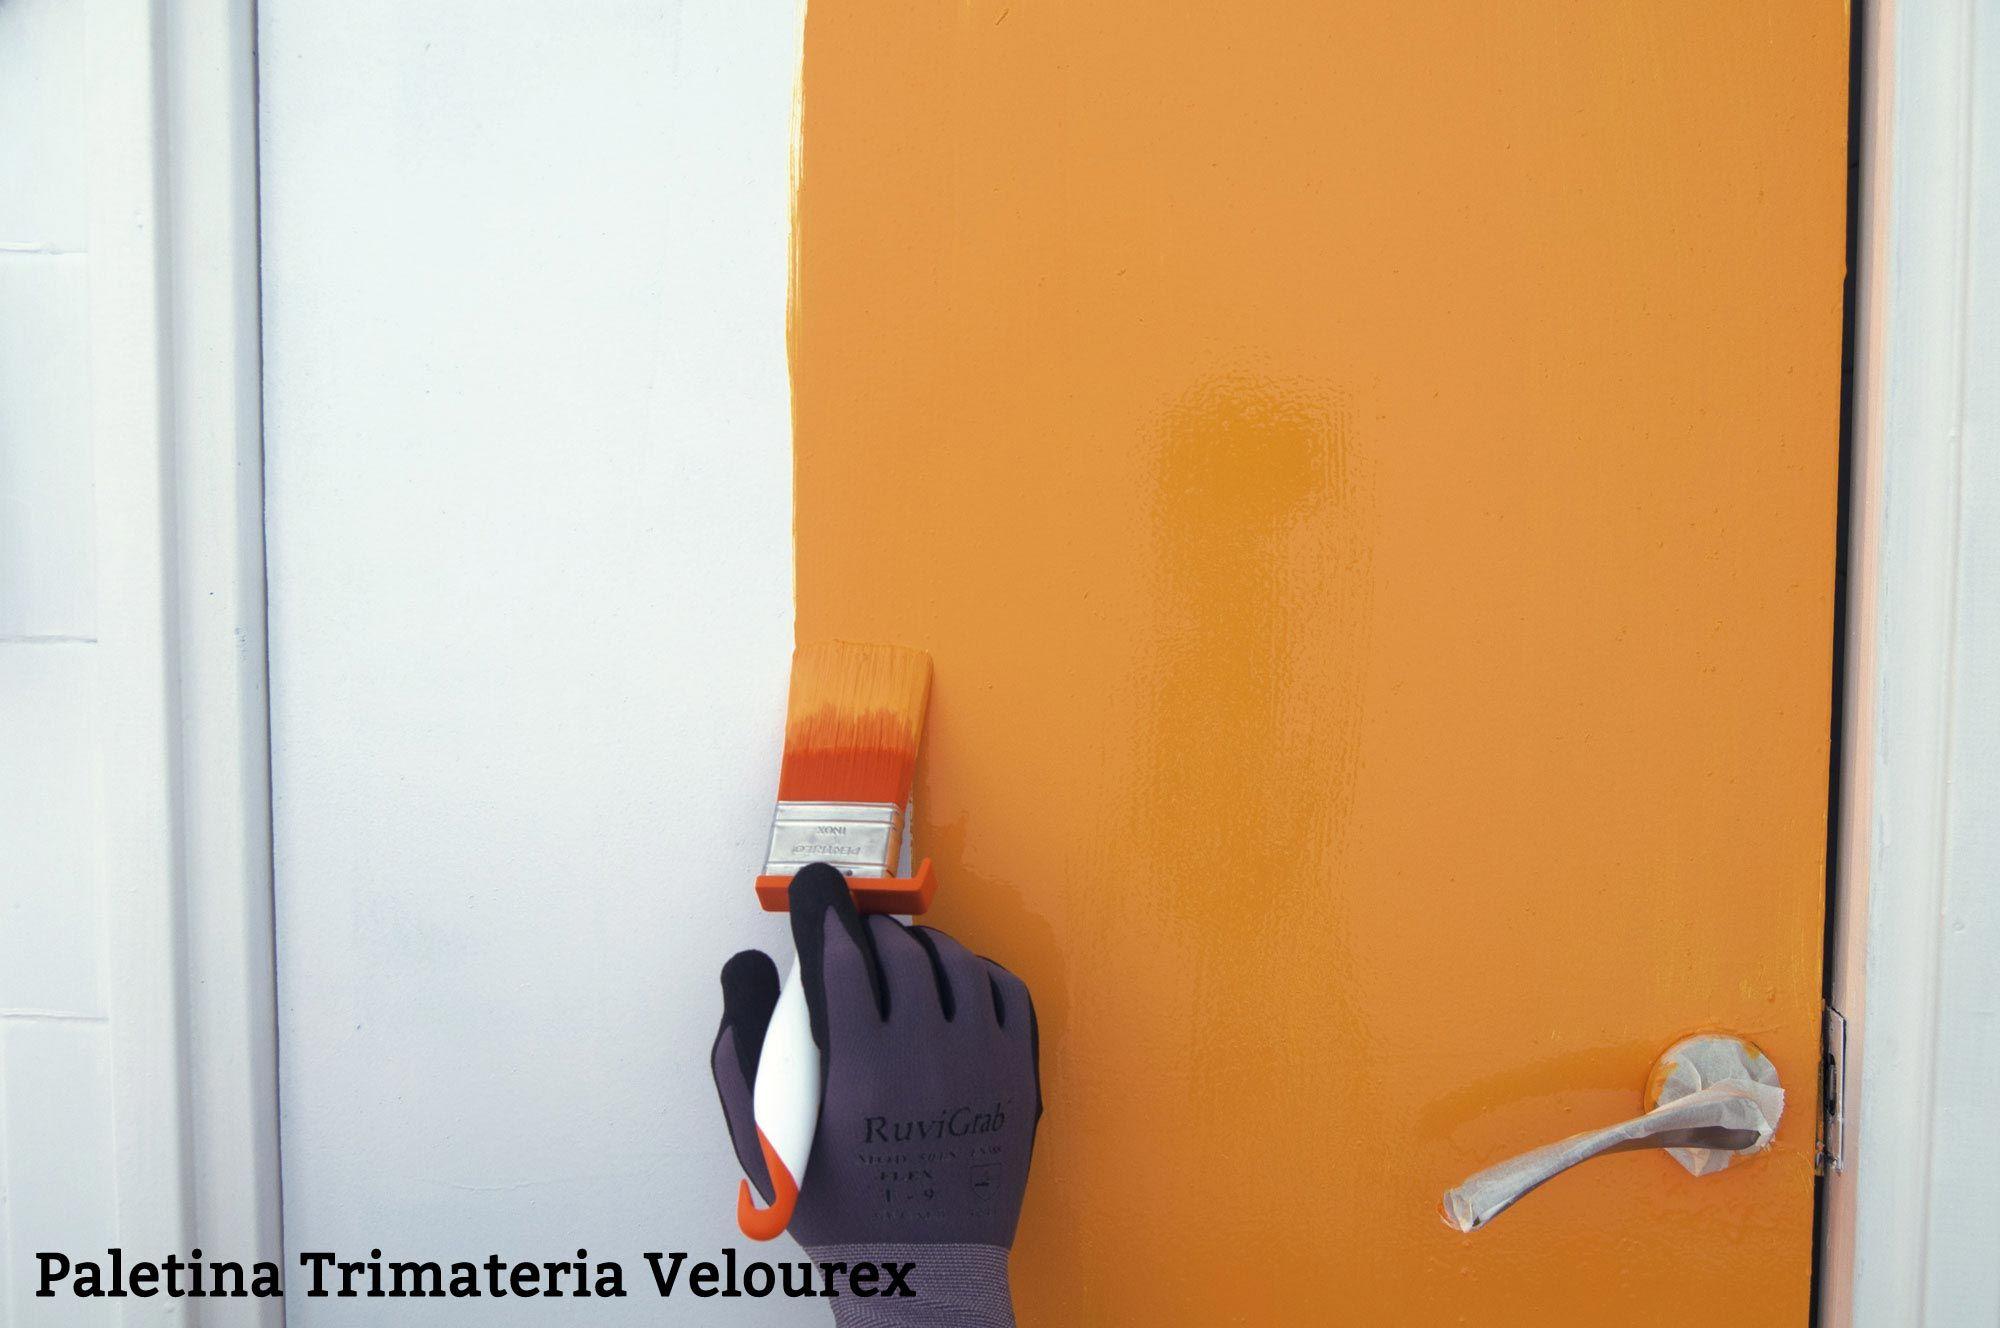 Utilizar las herramientas de pintura adecuadas